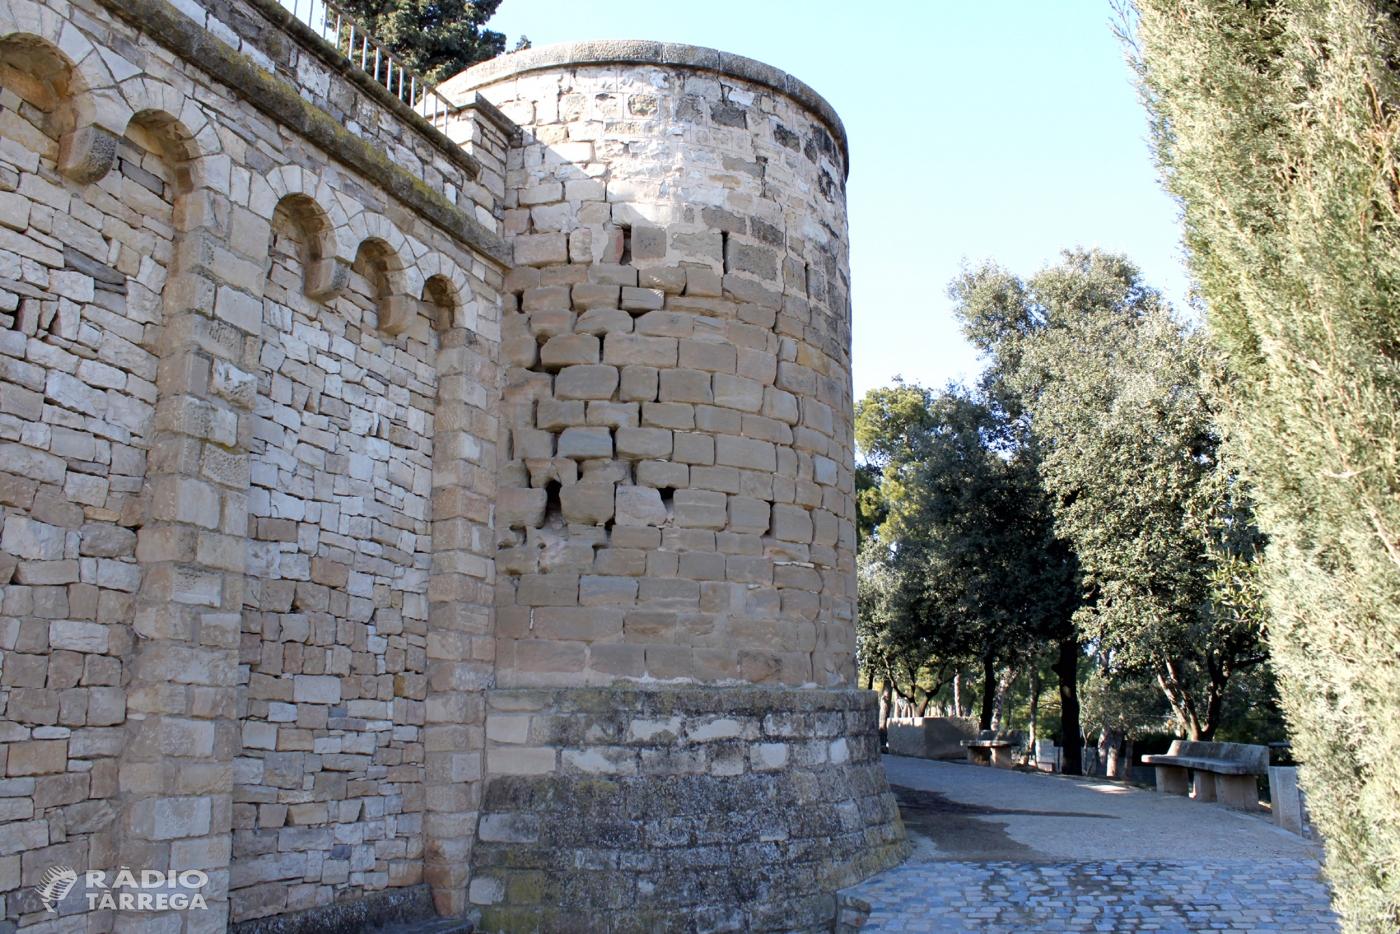 L'Ajuntament de Tàrrega adjudica els treballs de restauració dels tres torricons del Parc de Sant Eloi